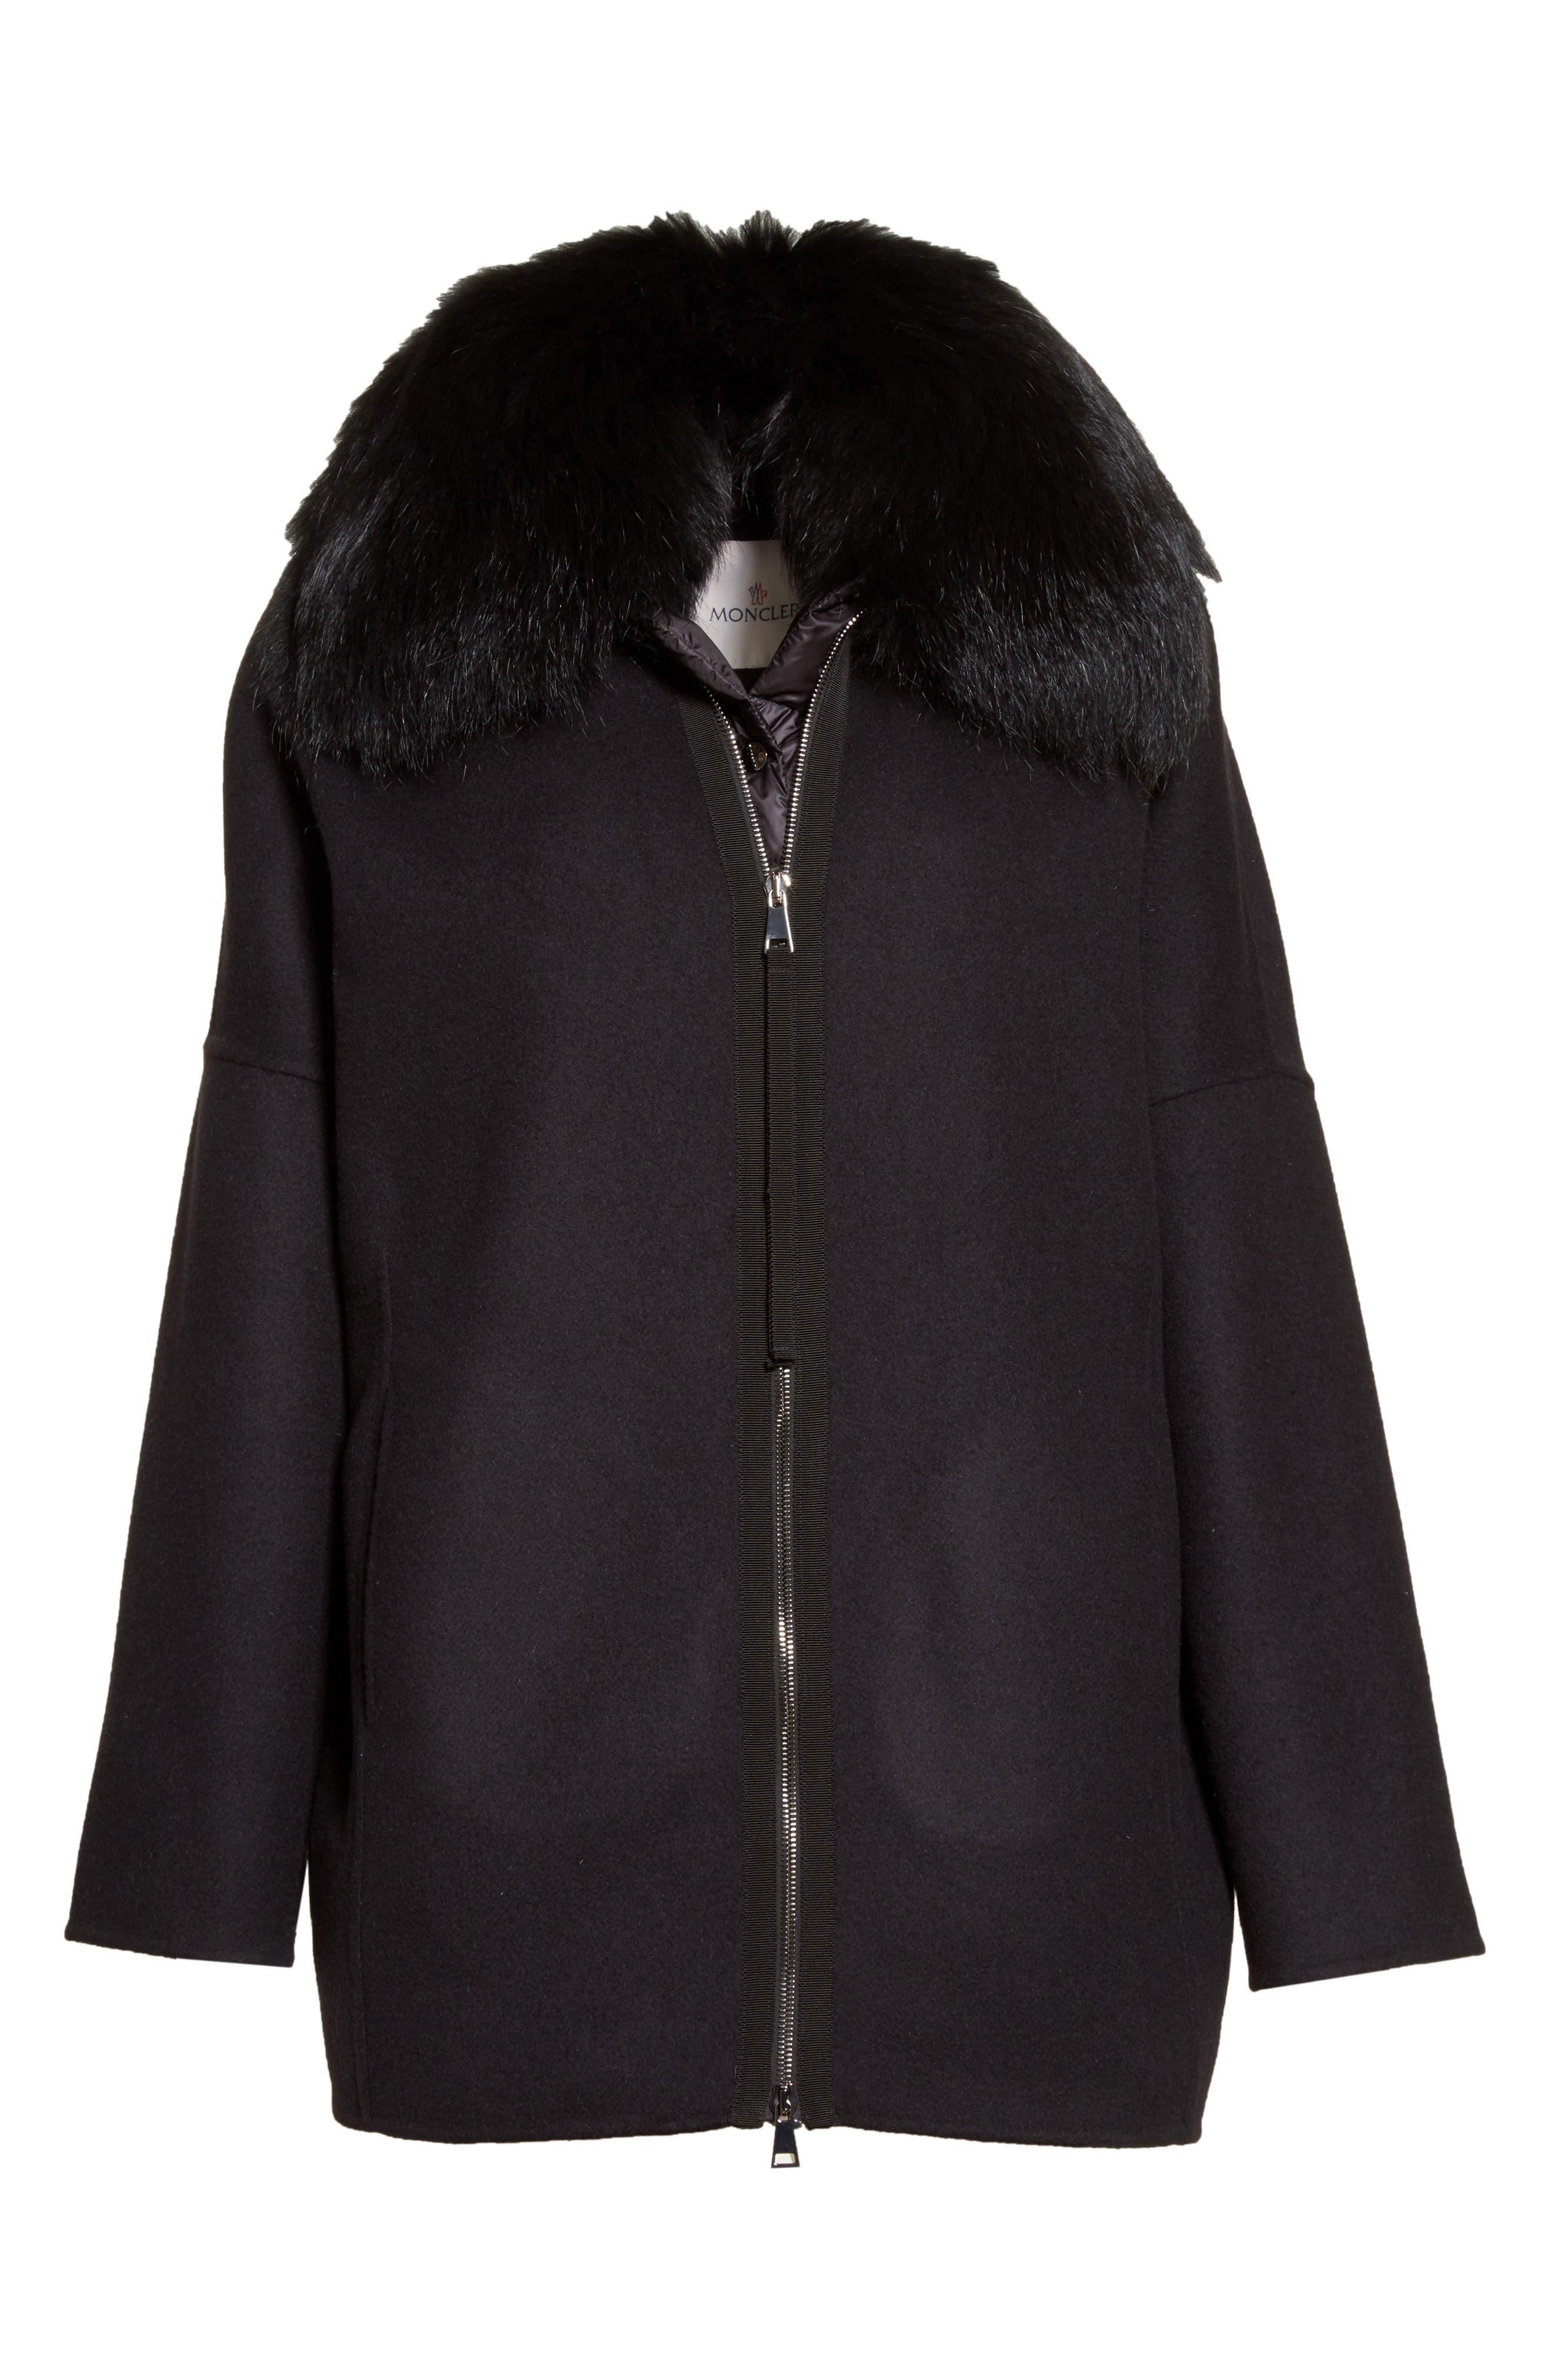 Buxus Wool & Cashmere Coat with Removable Genuine Fox Fur Trim Vest,                             Alternate thumbnail 5, color,                             001